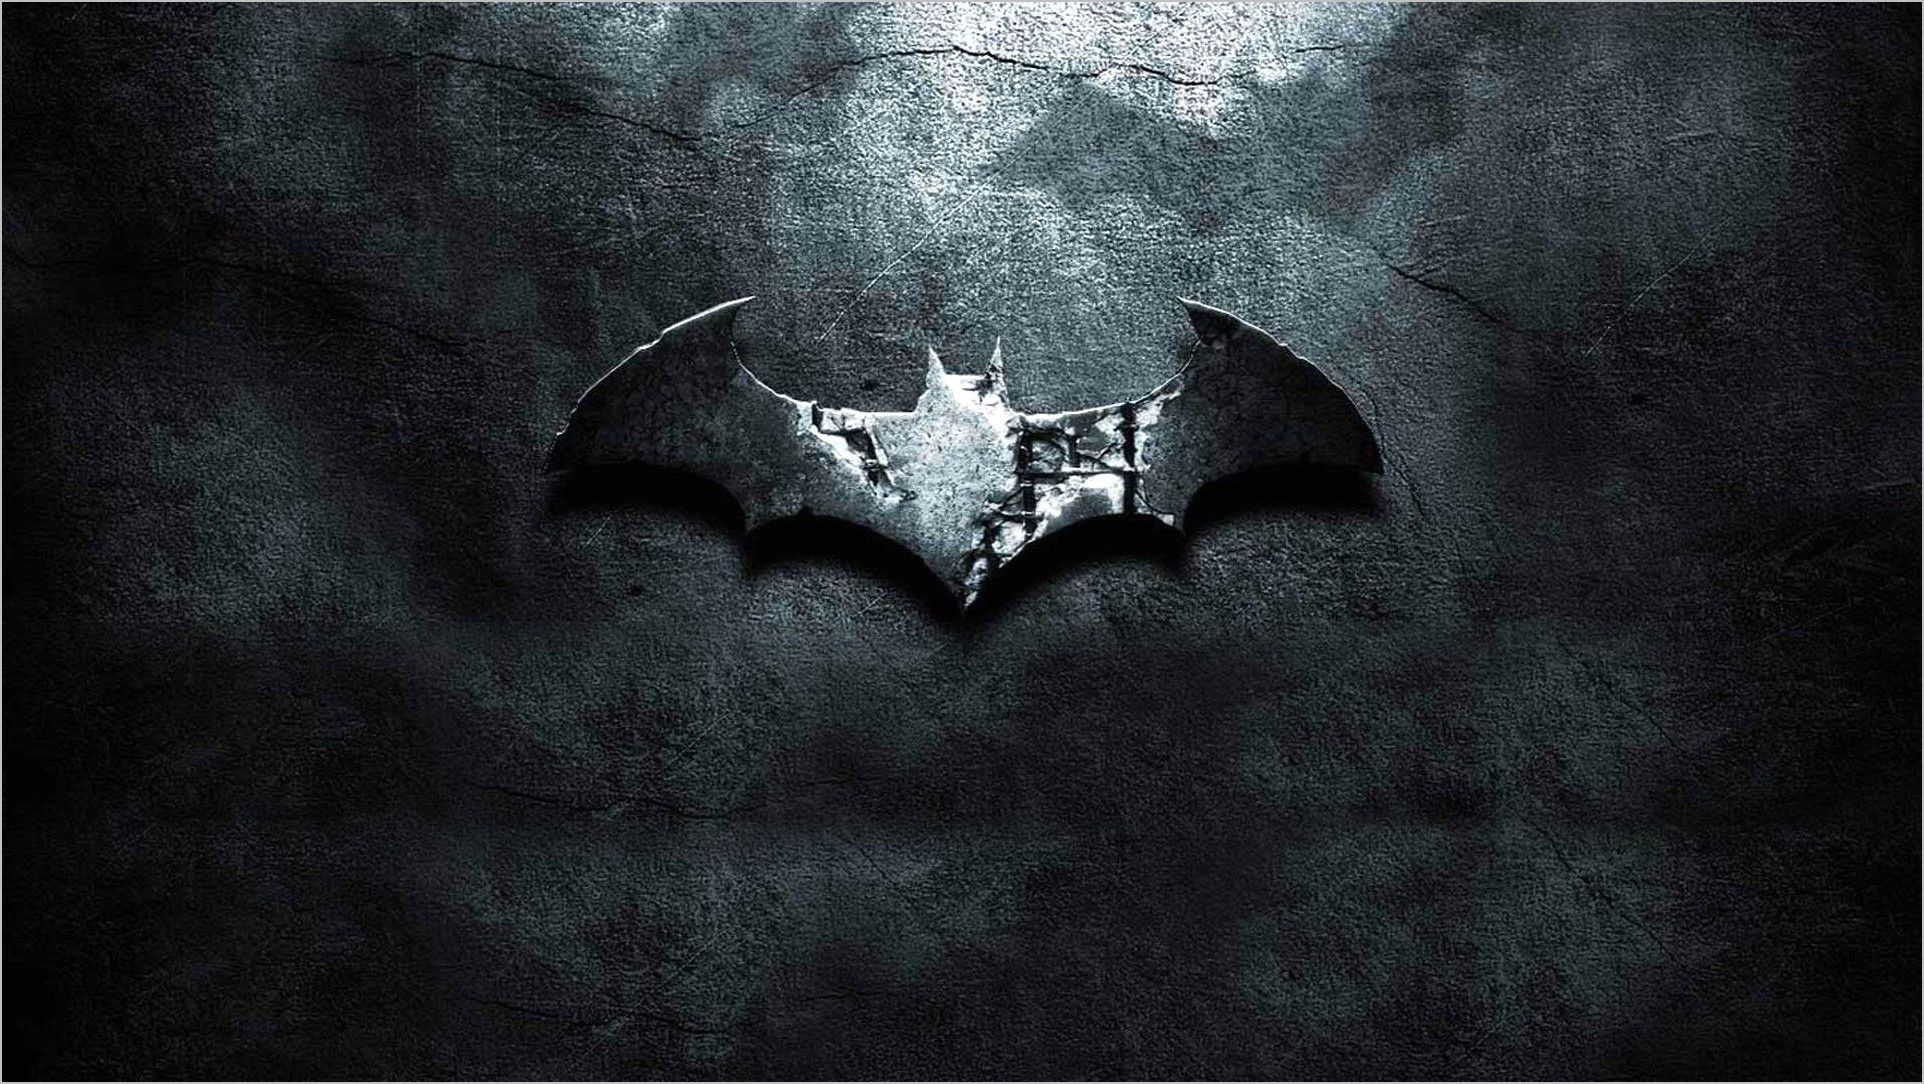 Batman Wallpaper 4k 1920 In 2020 Batman Wallpaper Batman Backgrounds Android Wallpaper Batman